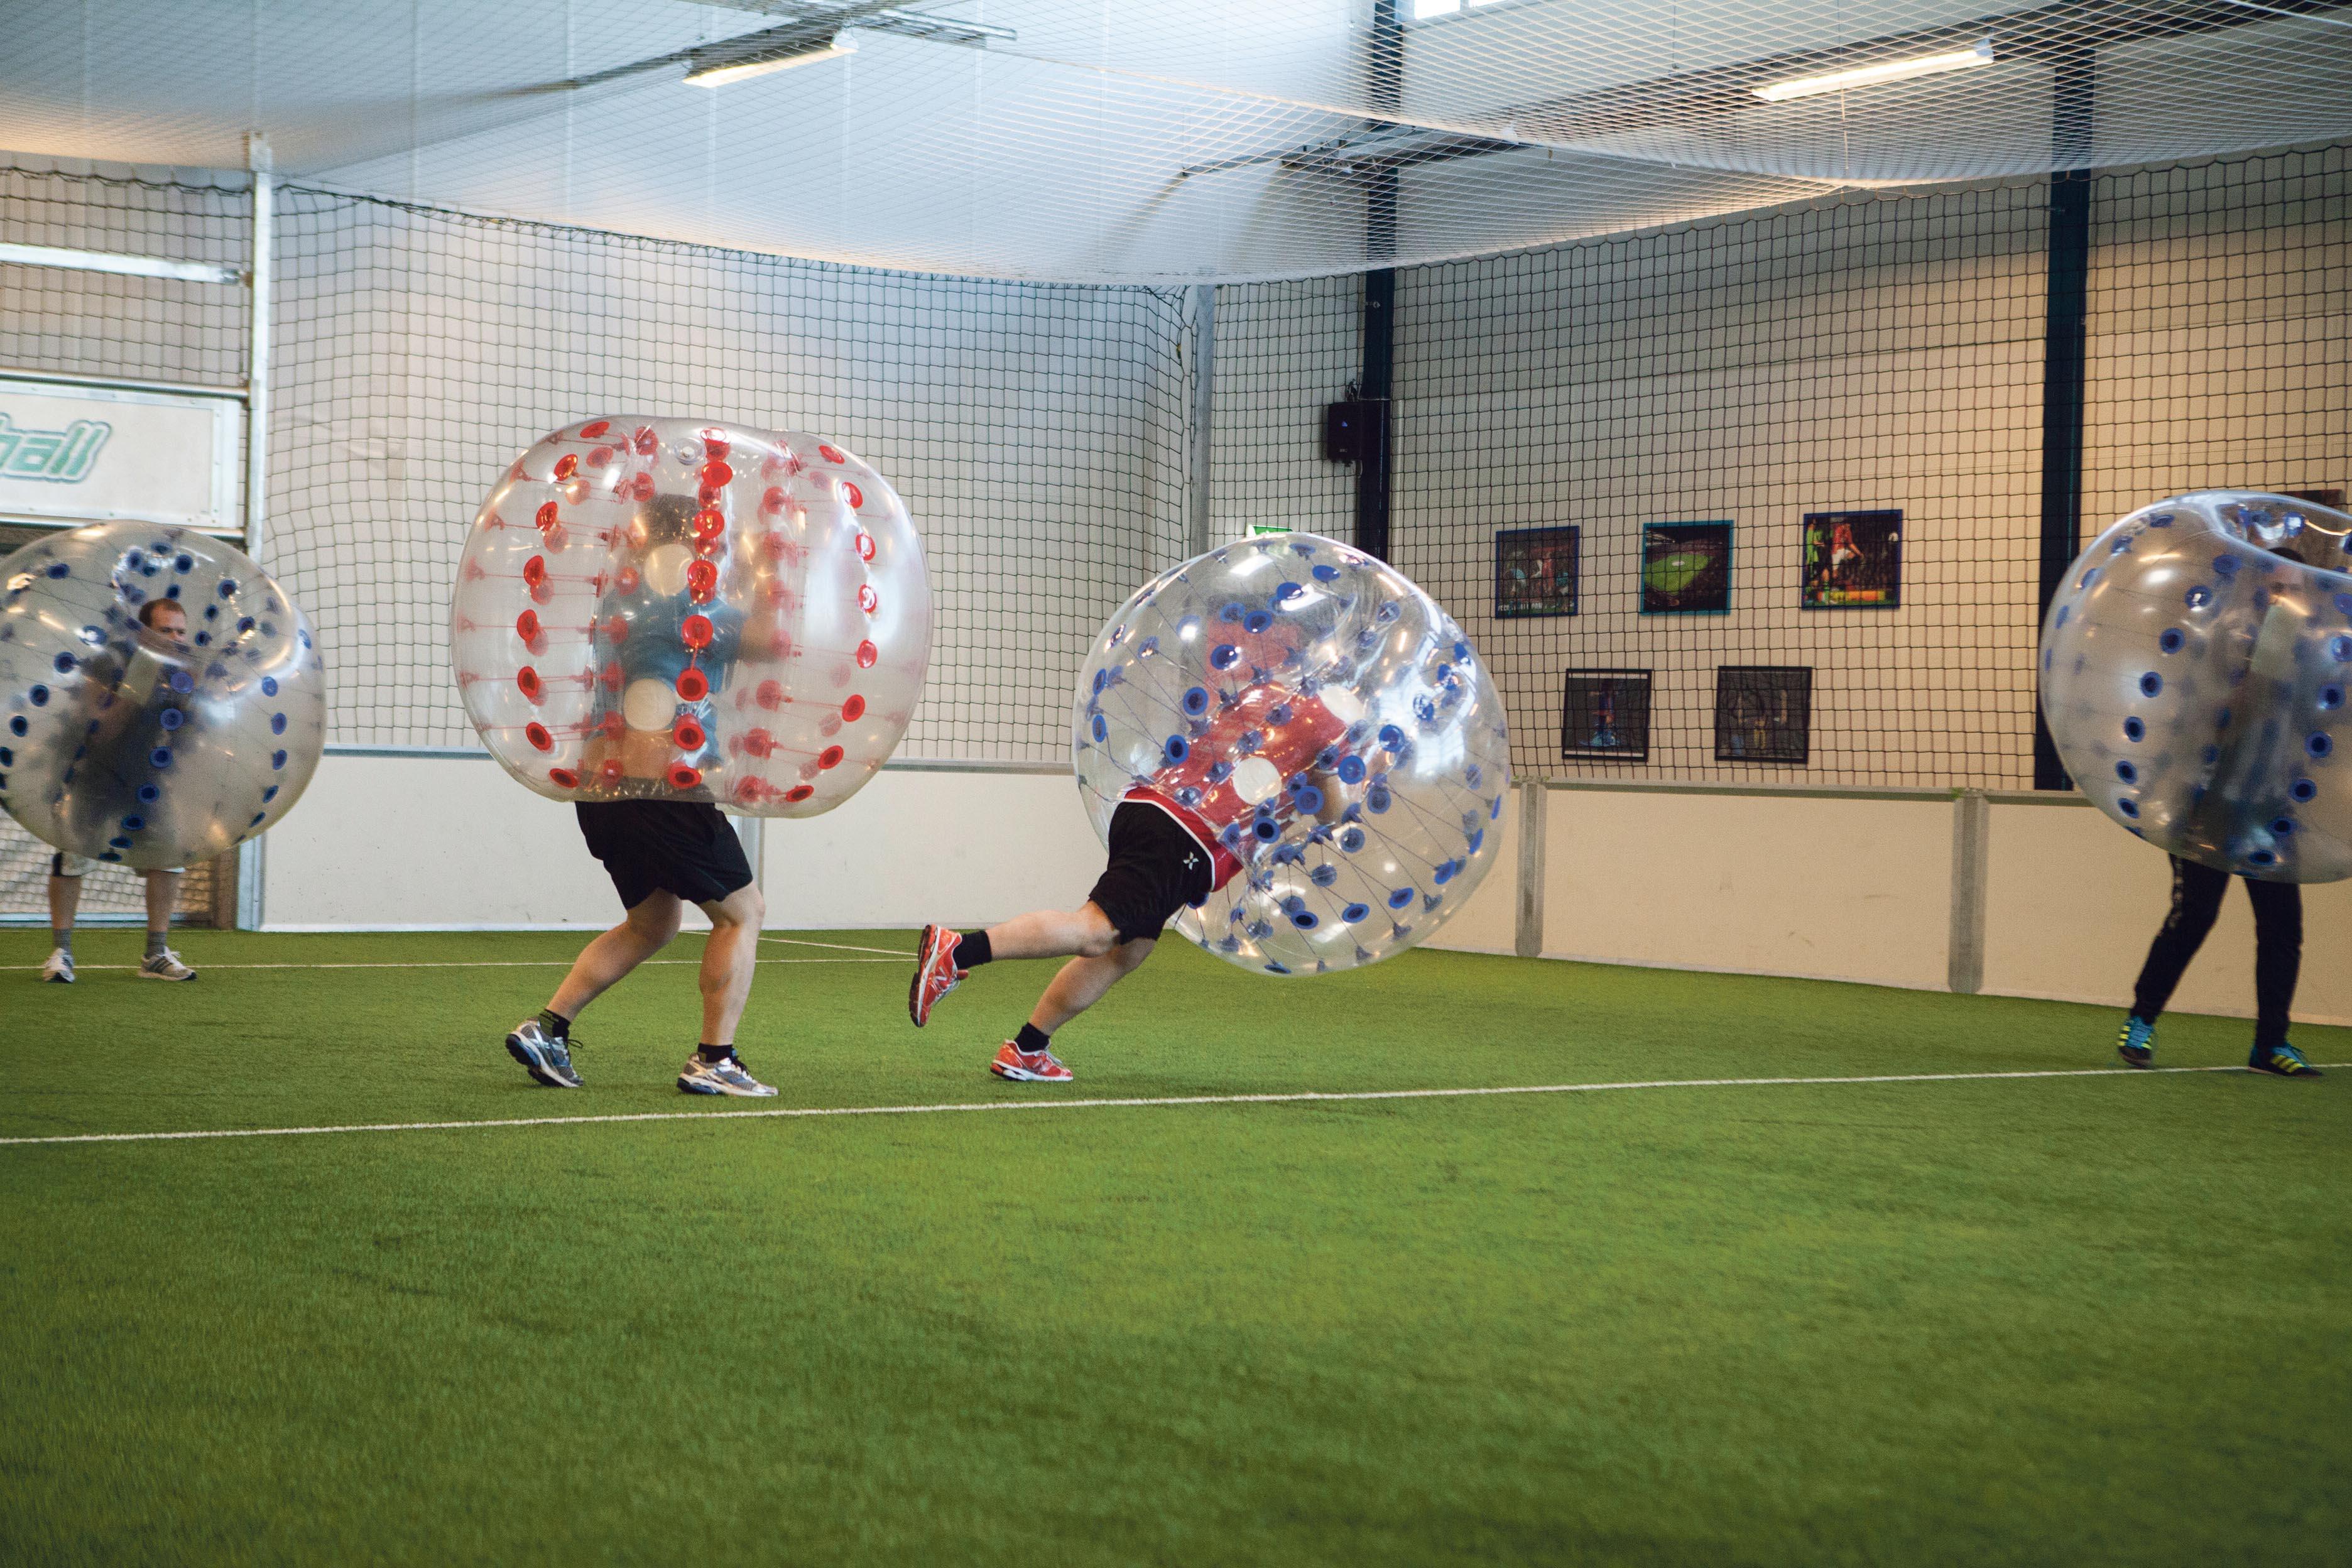 POPULÆRT: Boble-fotball Er Også En Populær Aktivitet. Foto: Sport Og Moro